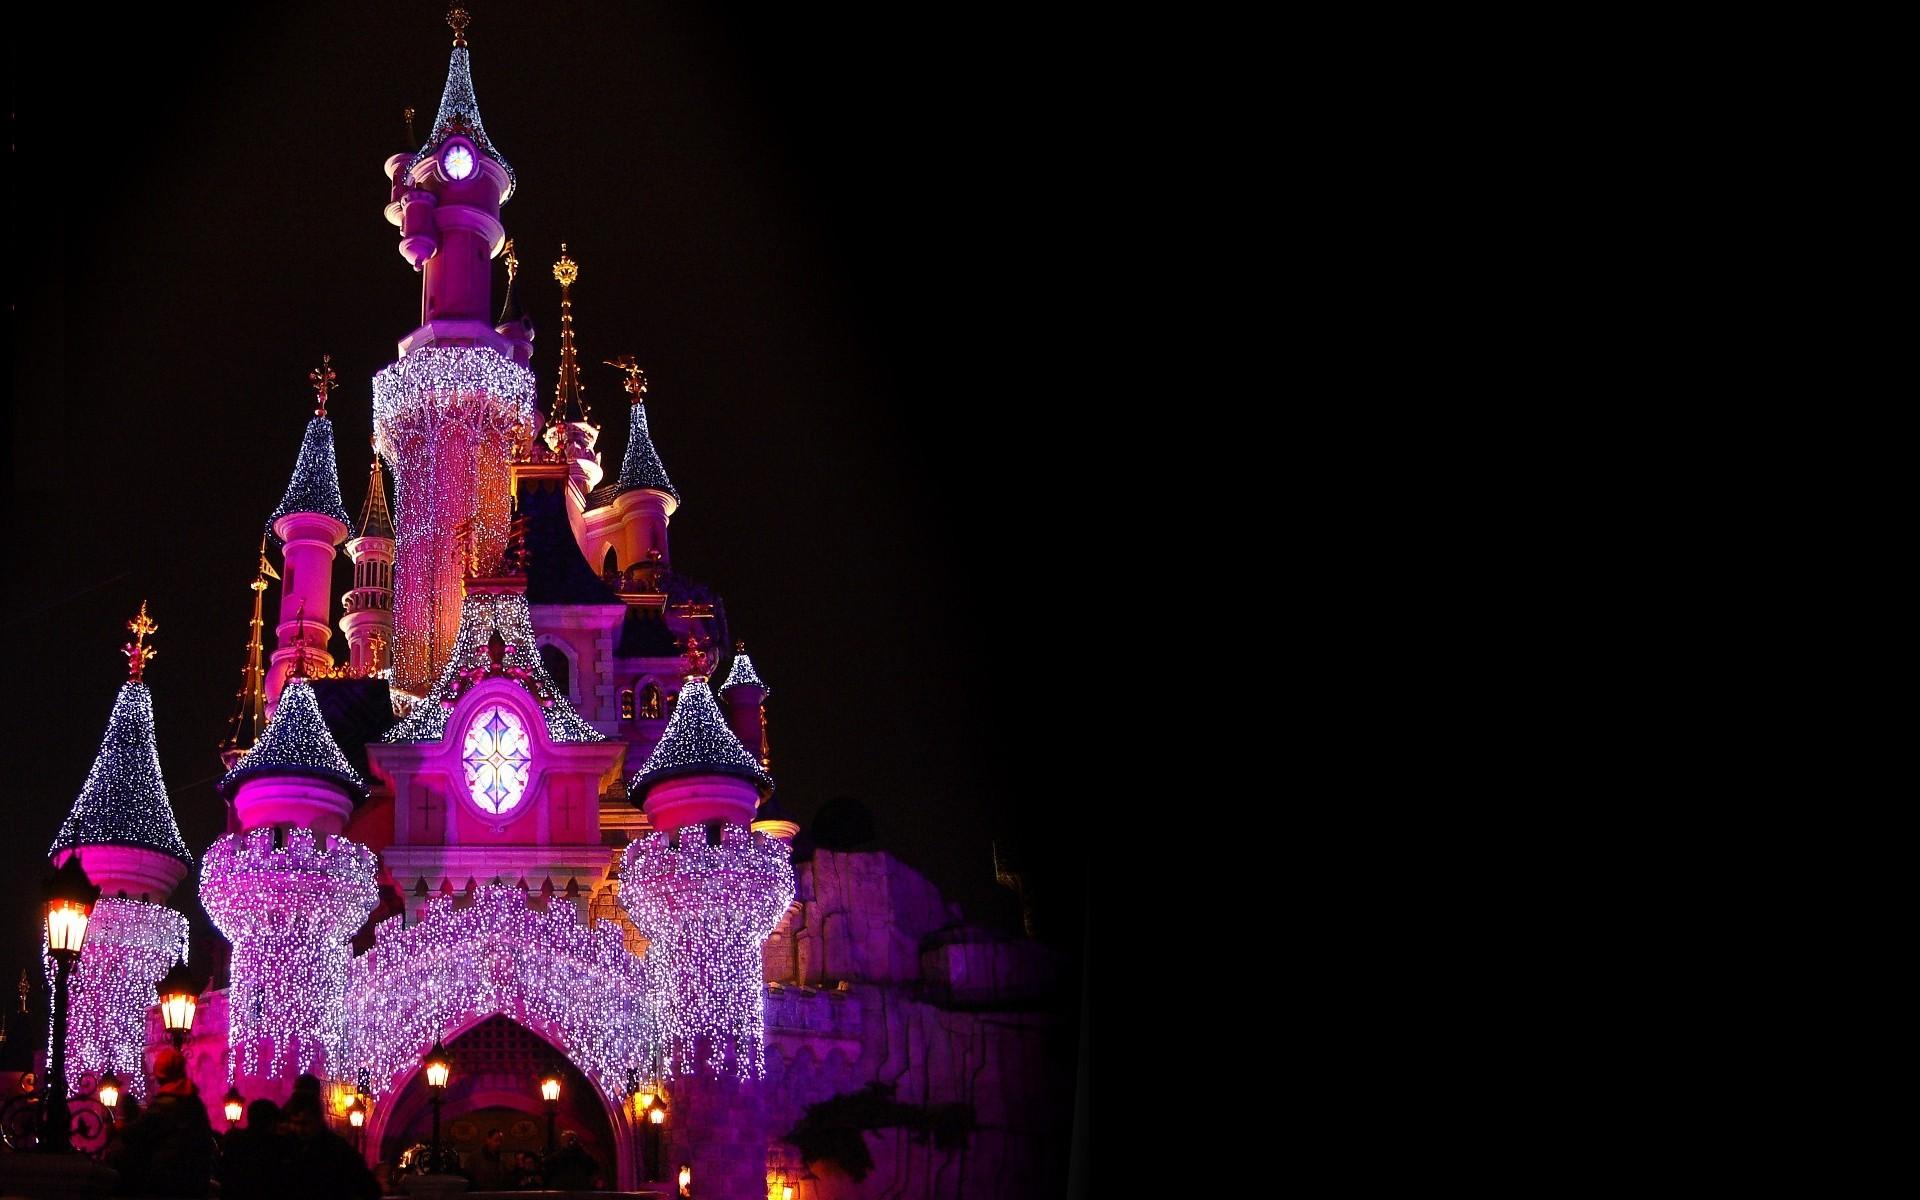 Disney Castle Wallpapers HD 1920x1200